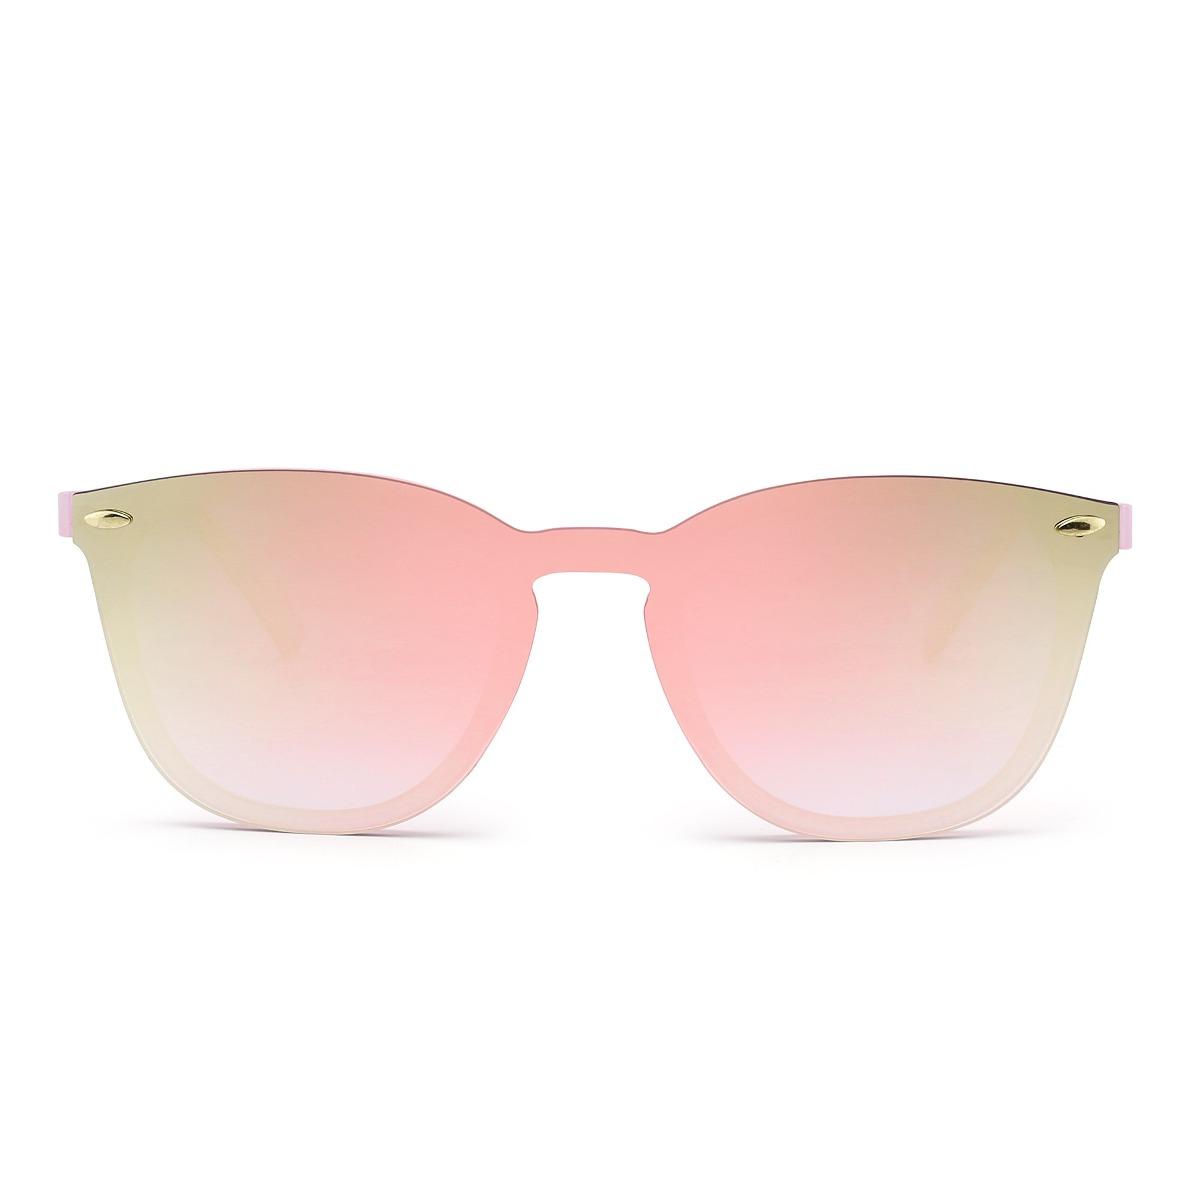 05c9ecef33 gafas de sol sin montura wayfarer espejo reflexivo del es. Cargando zoom.